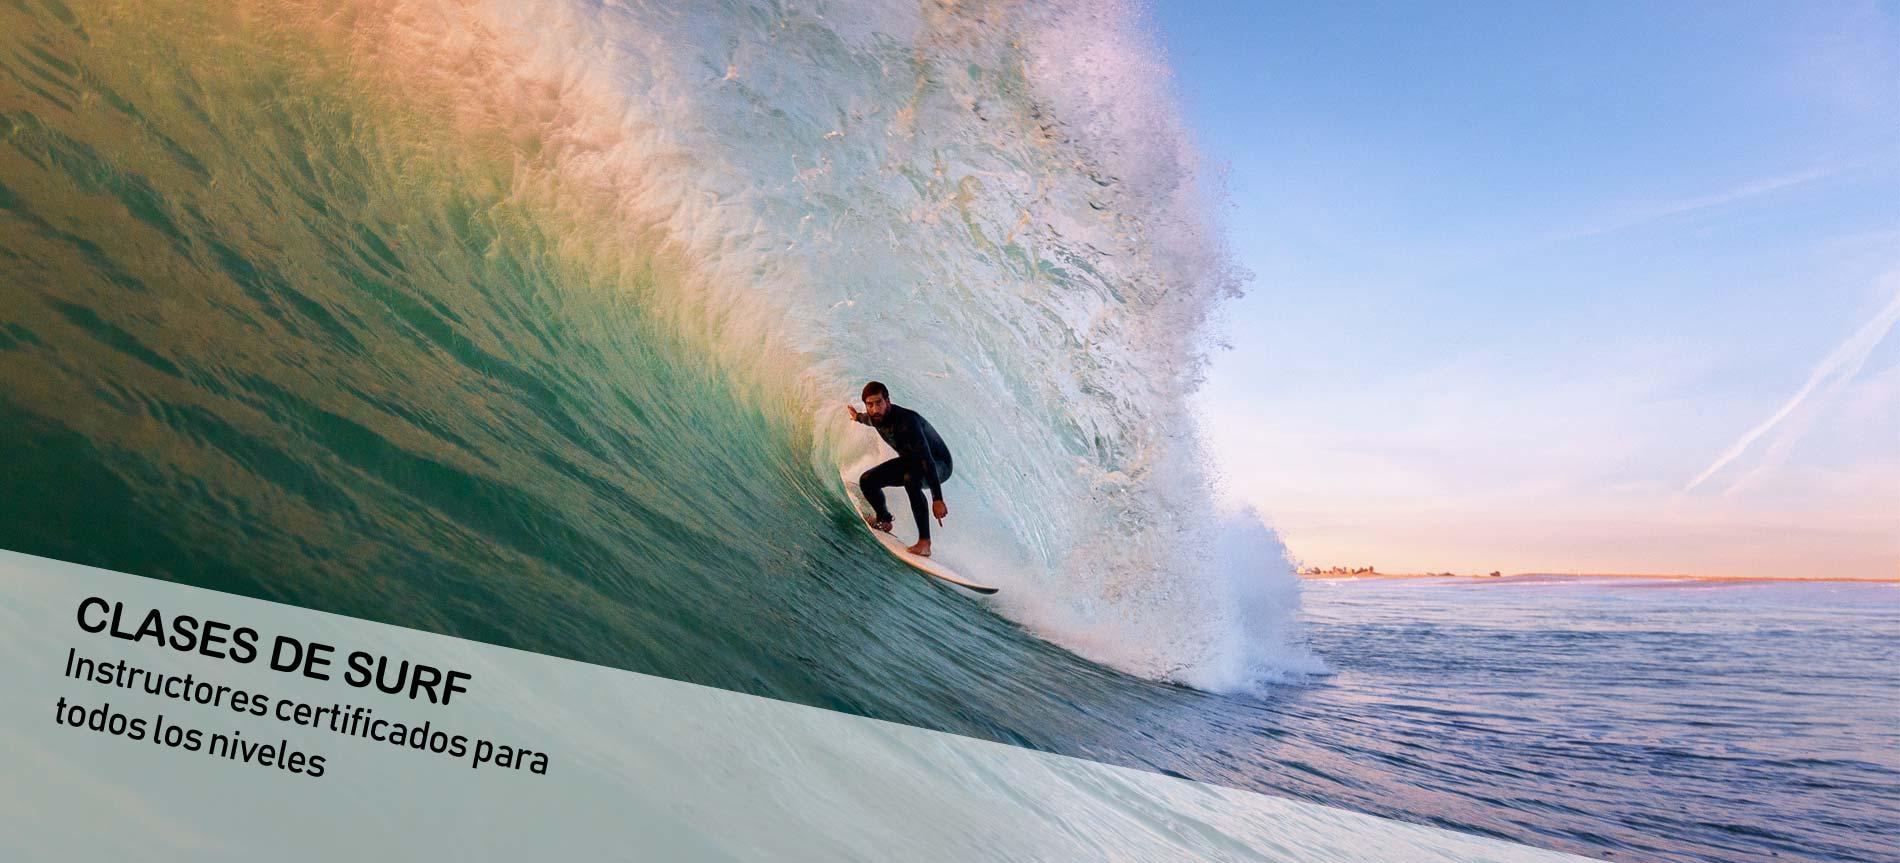 Clases de surf: instructores certificados para todos los niveles